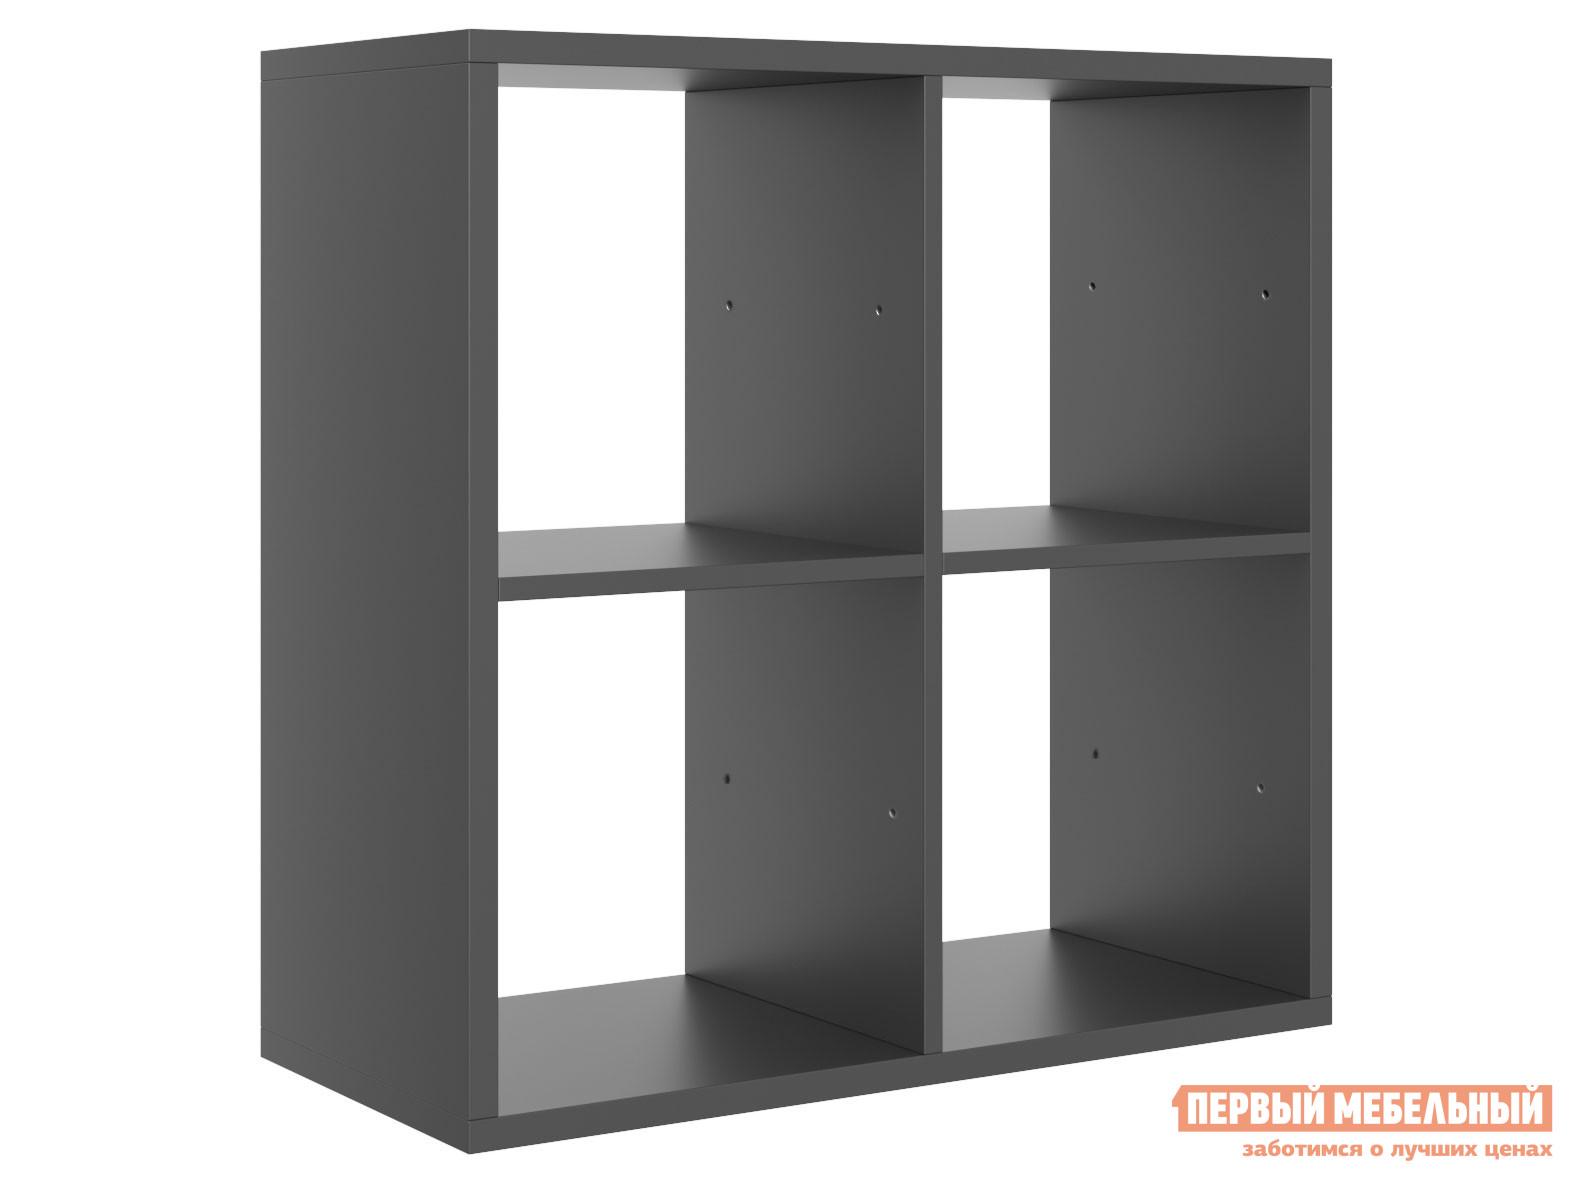 Стеллаж Первый Мебельный Стеллаж Микс 4